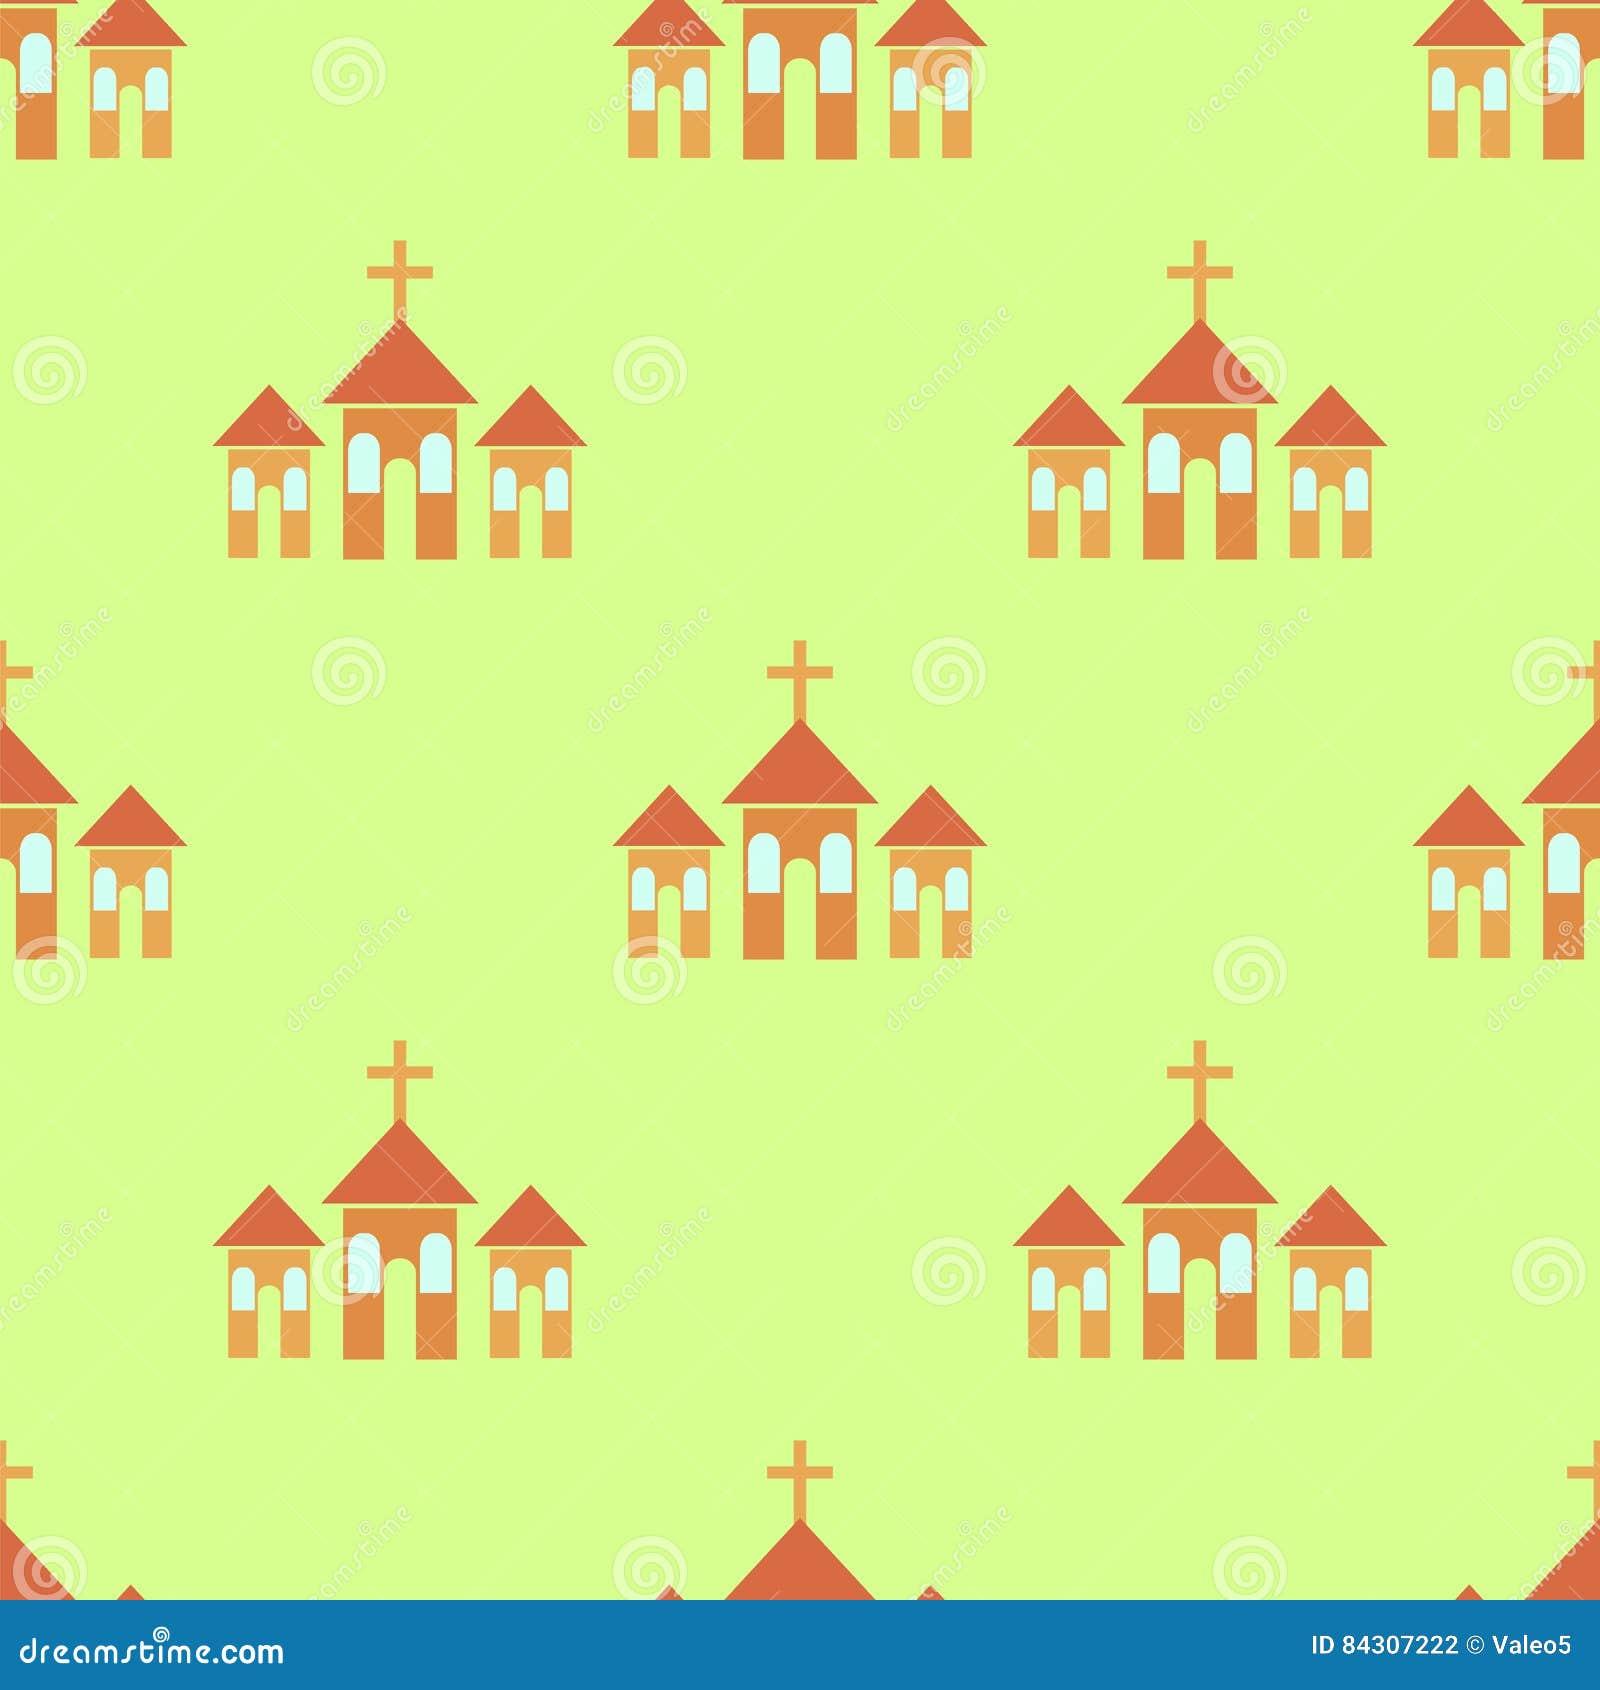 Religion Icon Seamless Pattern